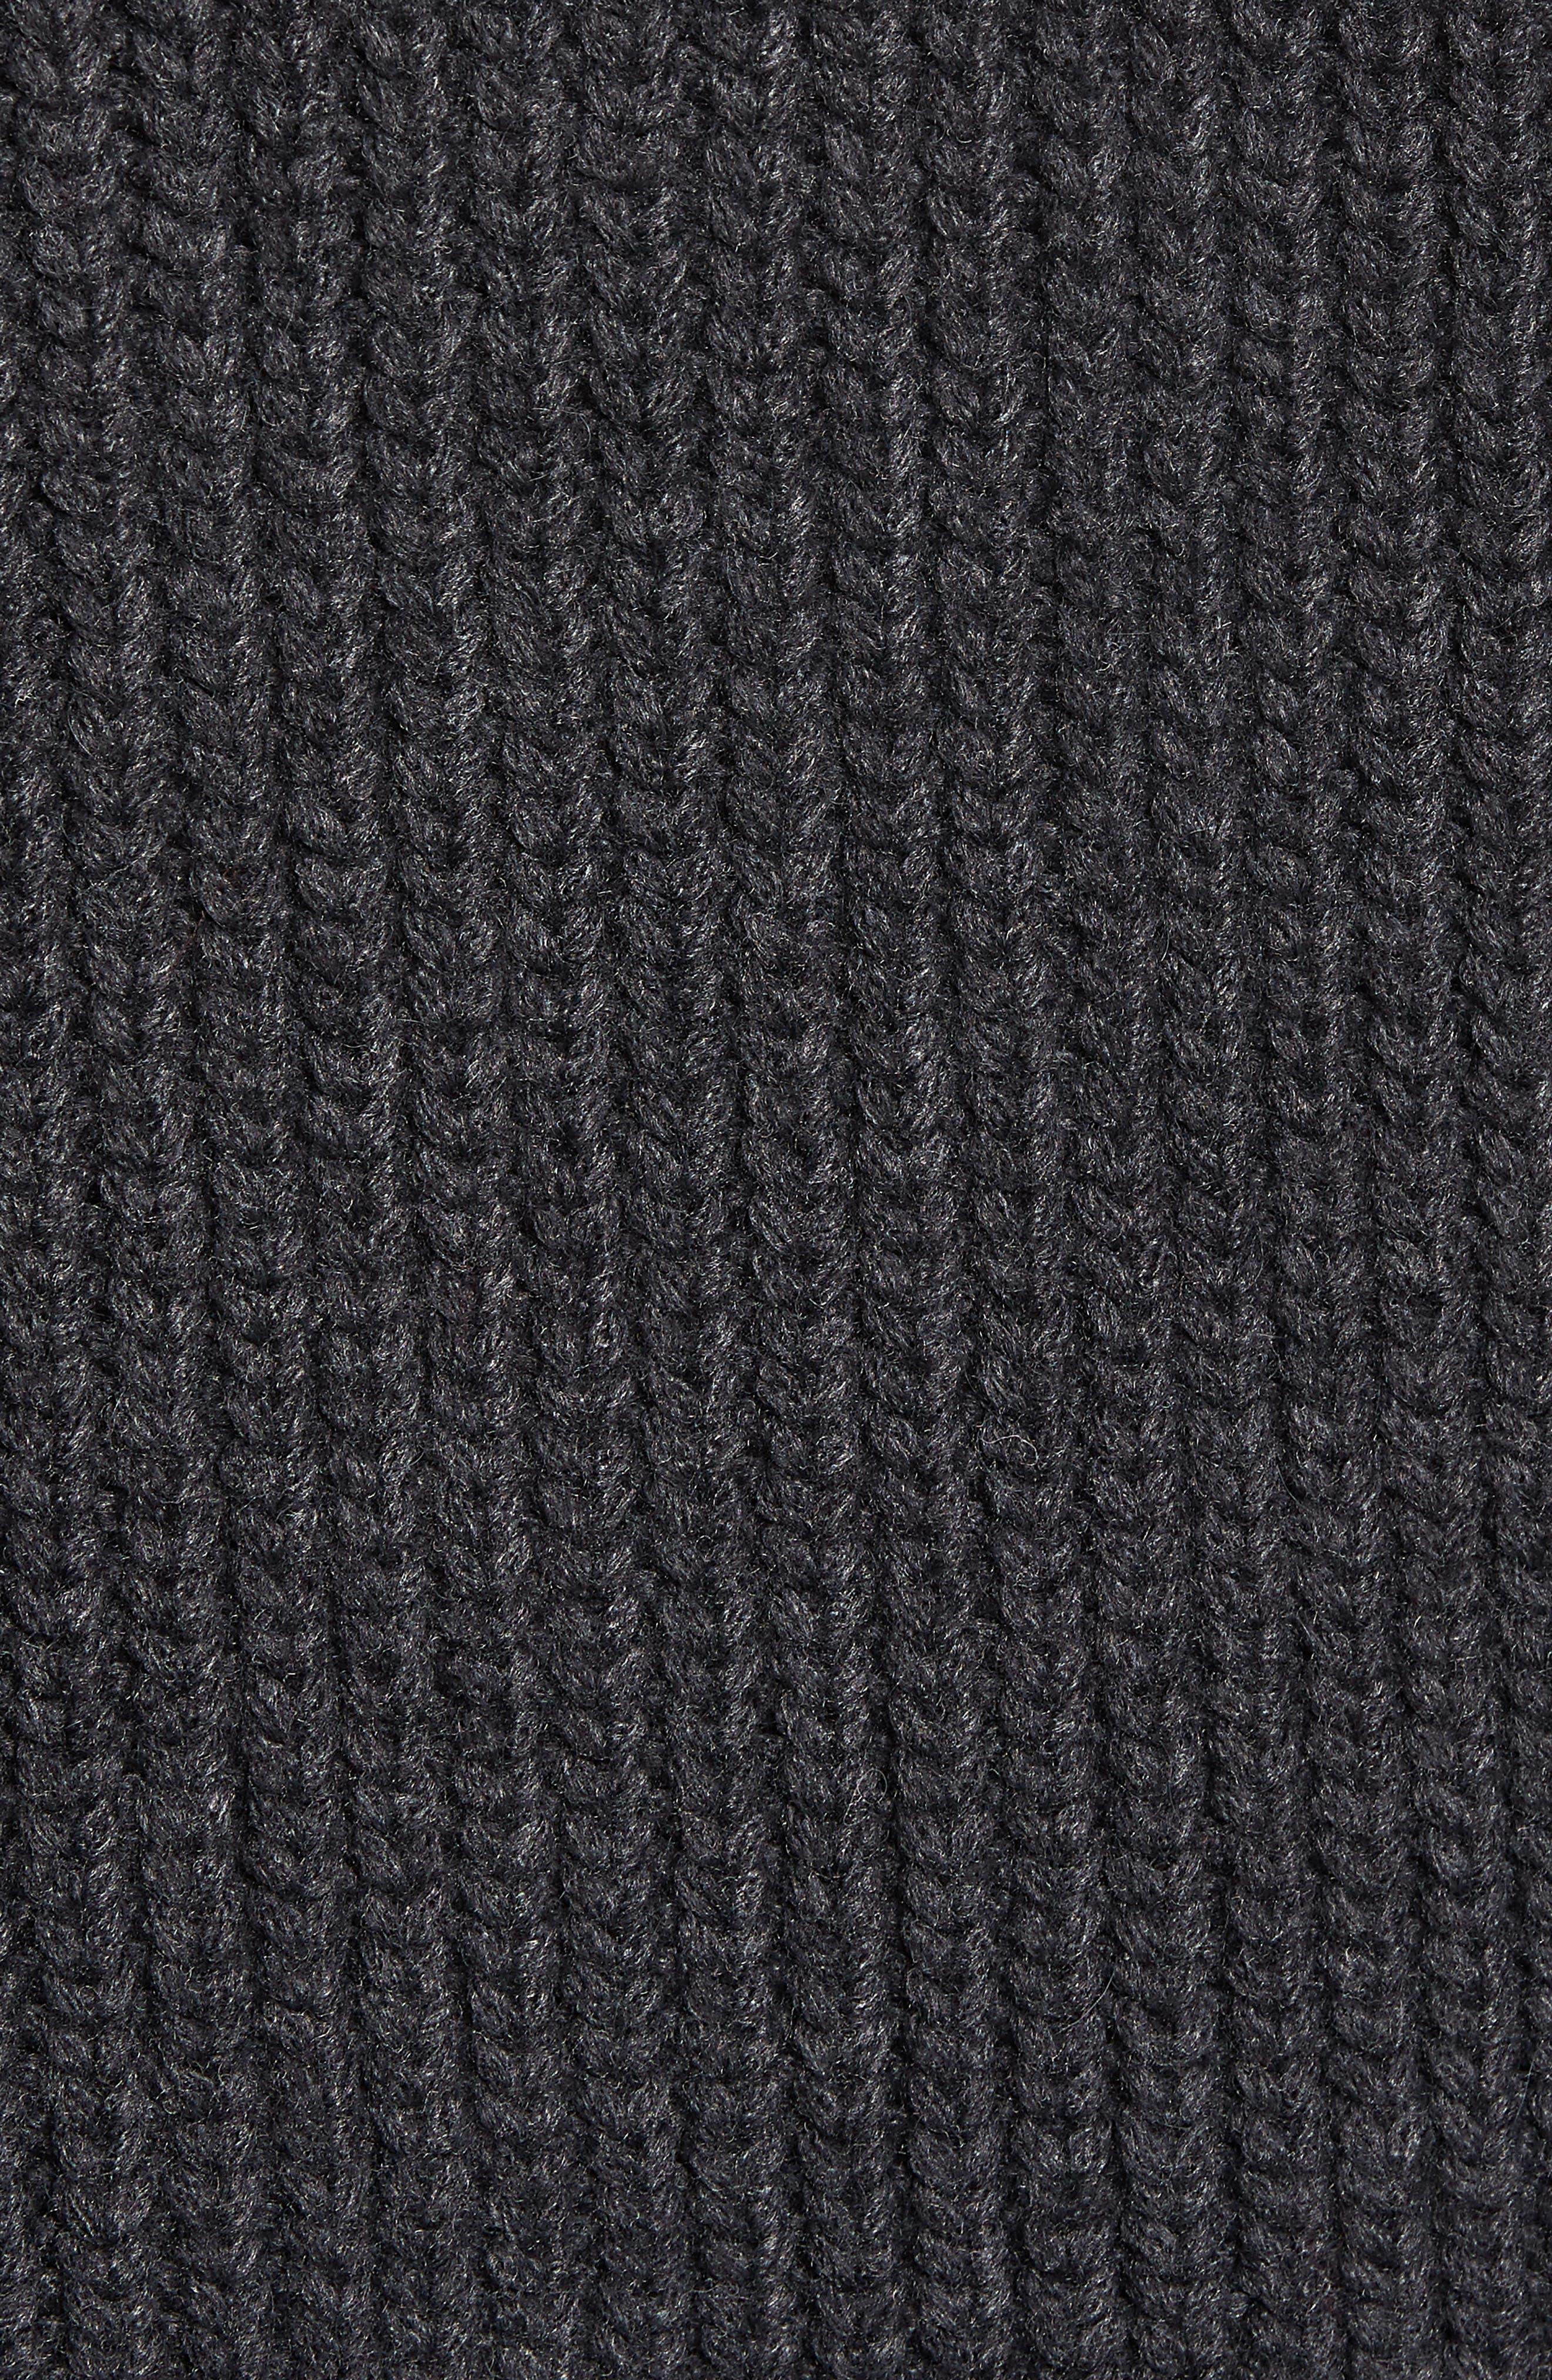 Chunky Wool Alpaca Shaker Cardigan,                             Alternate thumbnail 5, color,                             025